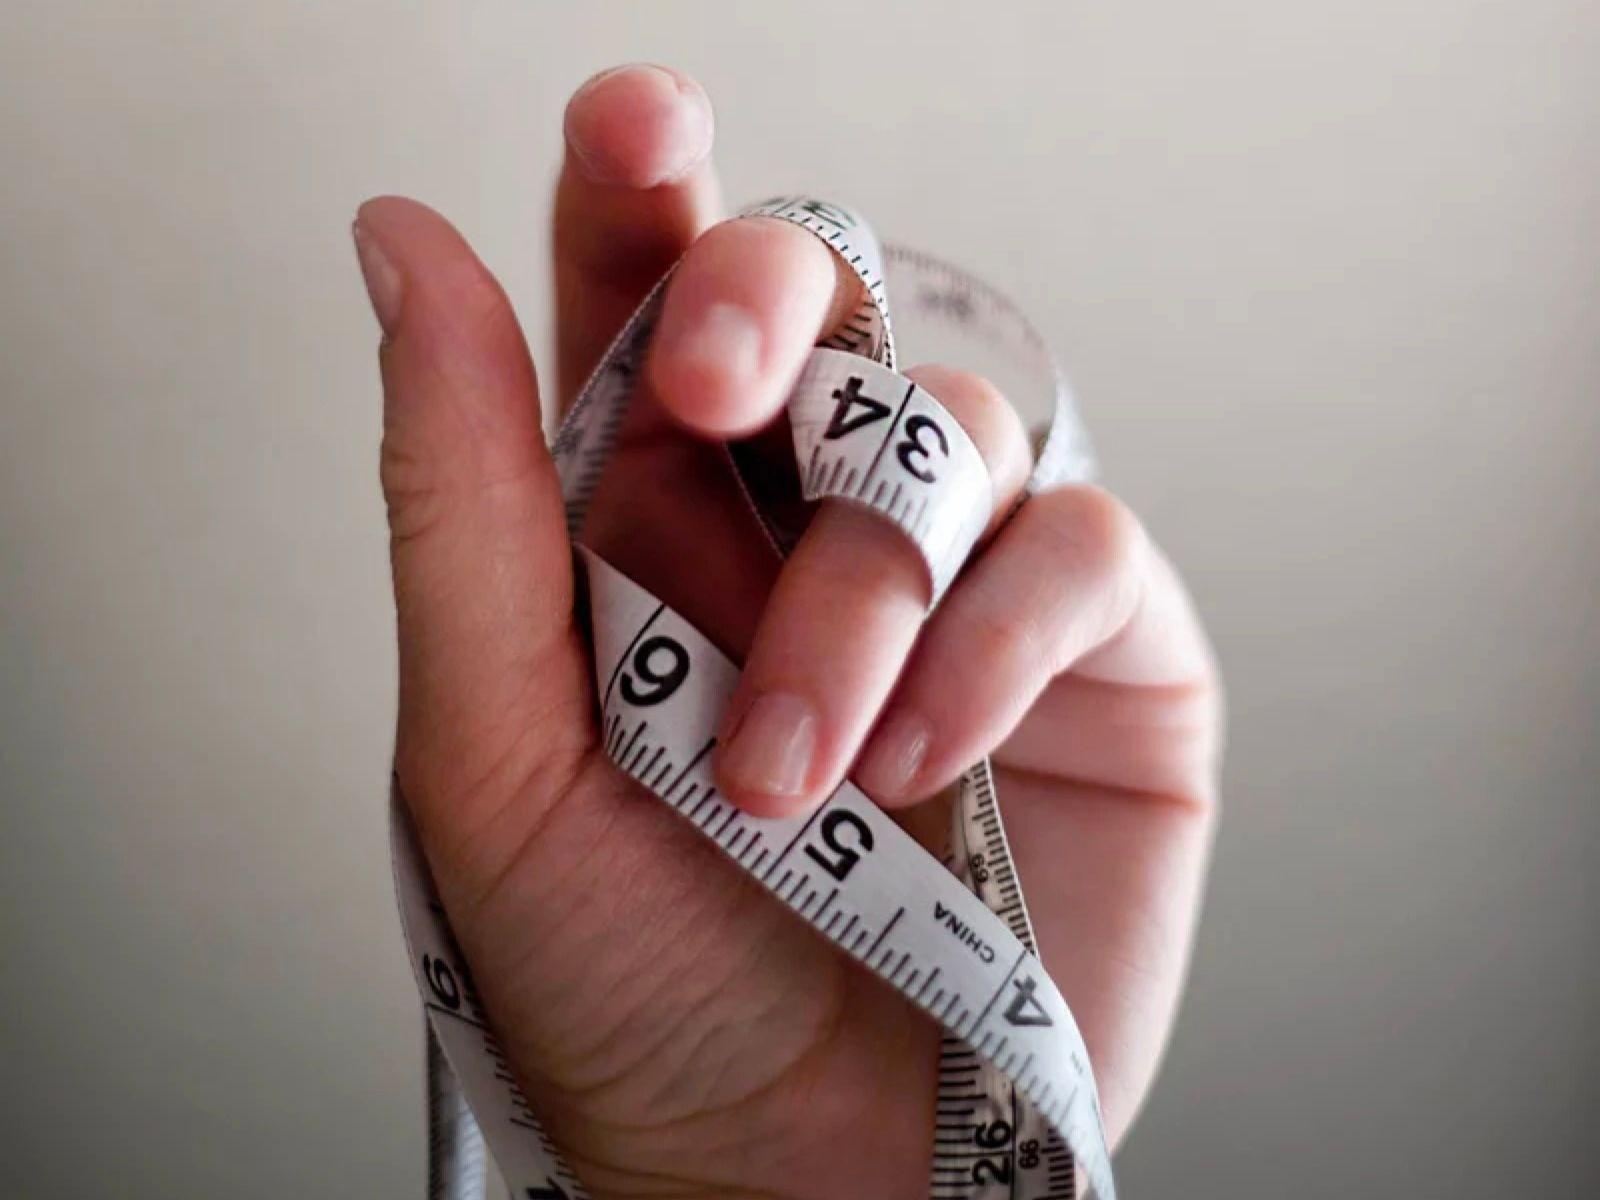 ▲減肥。(圖/翻攝自unsplsh)